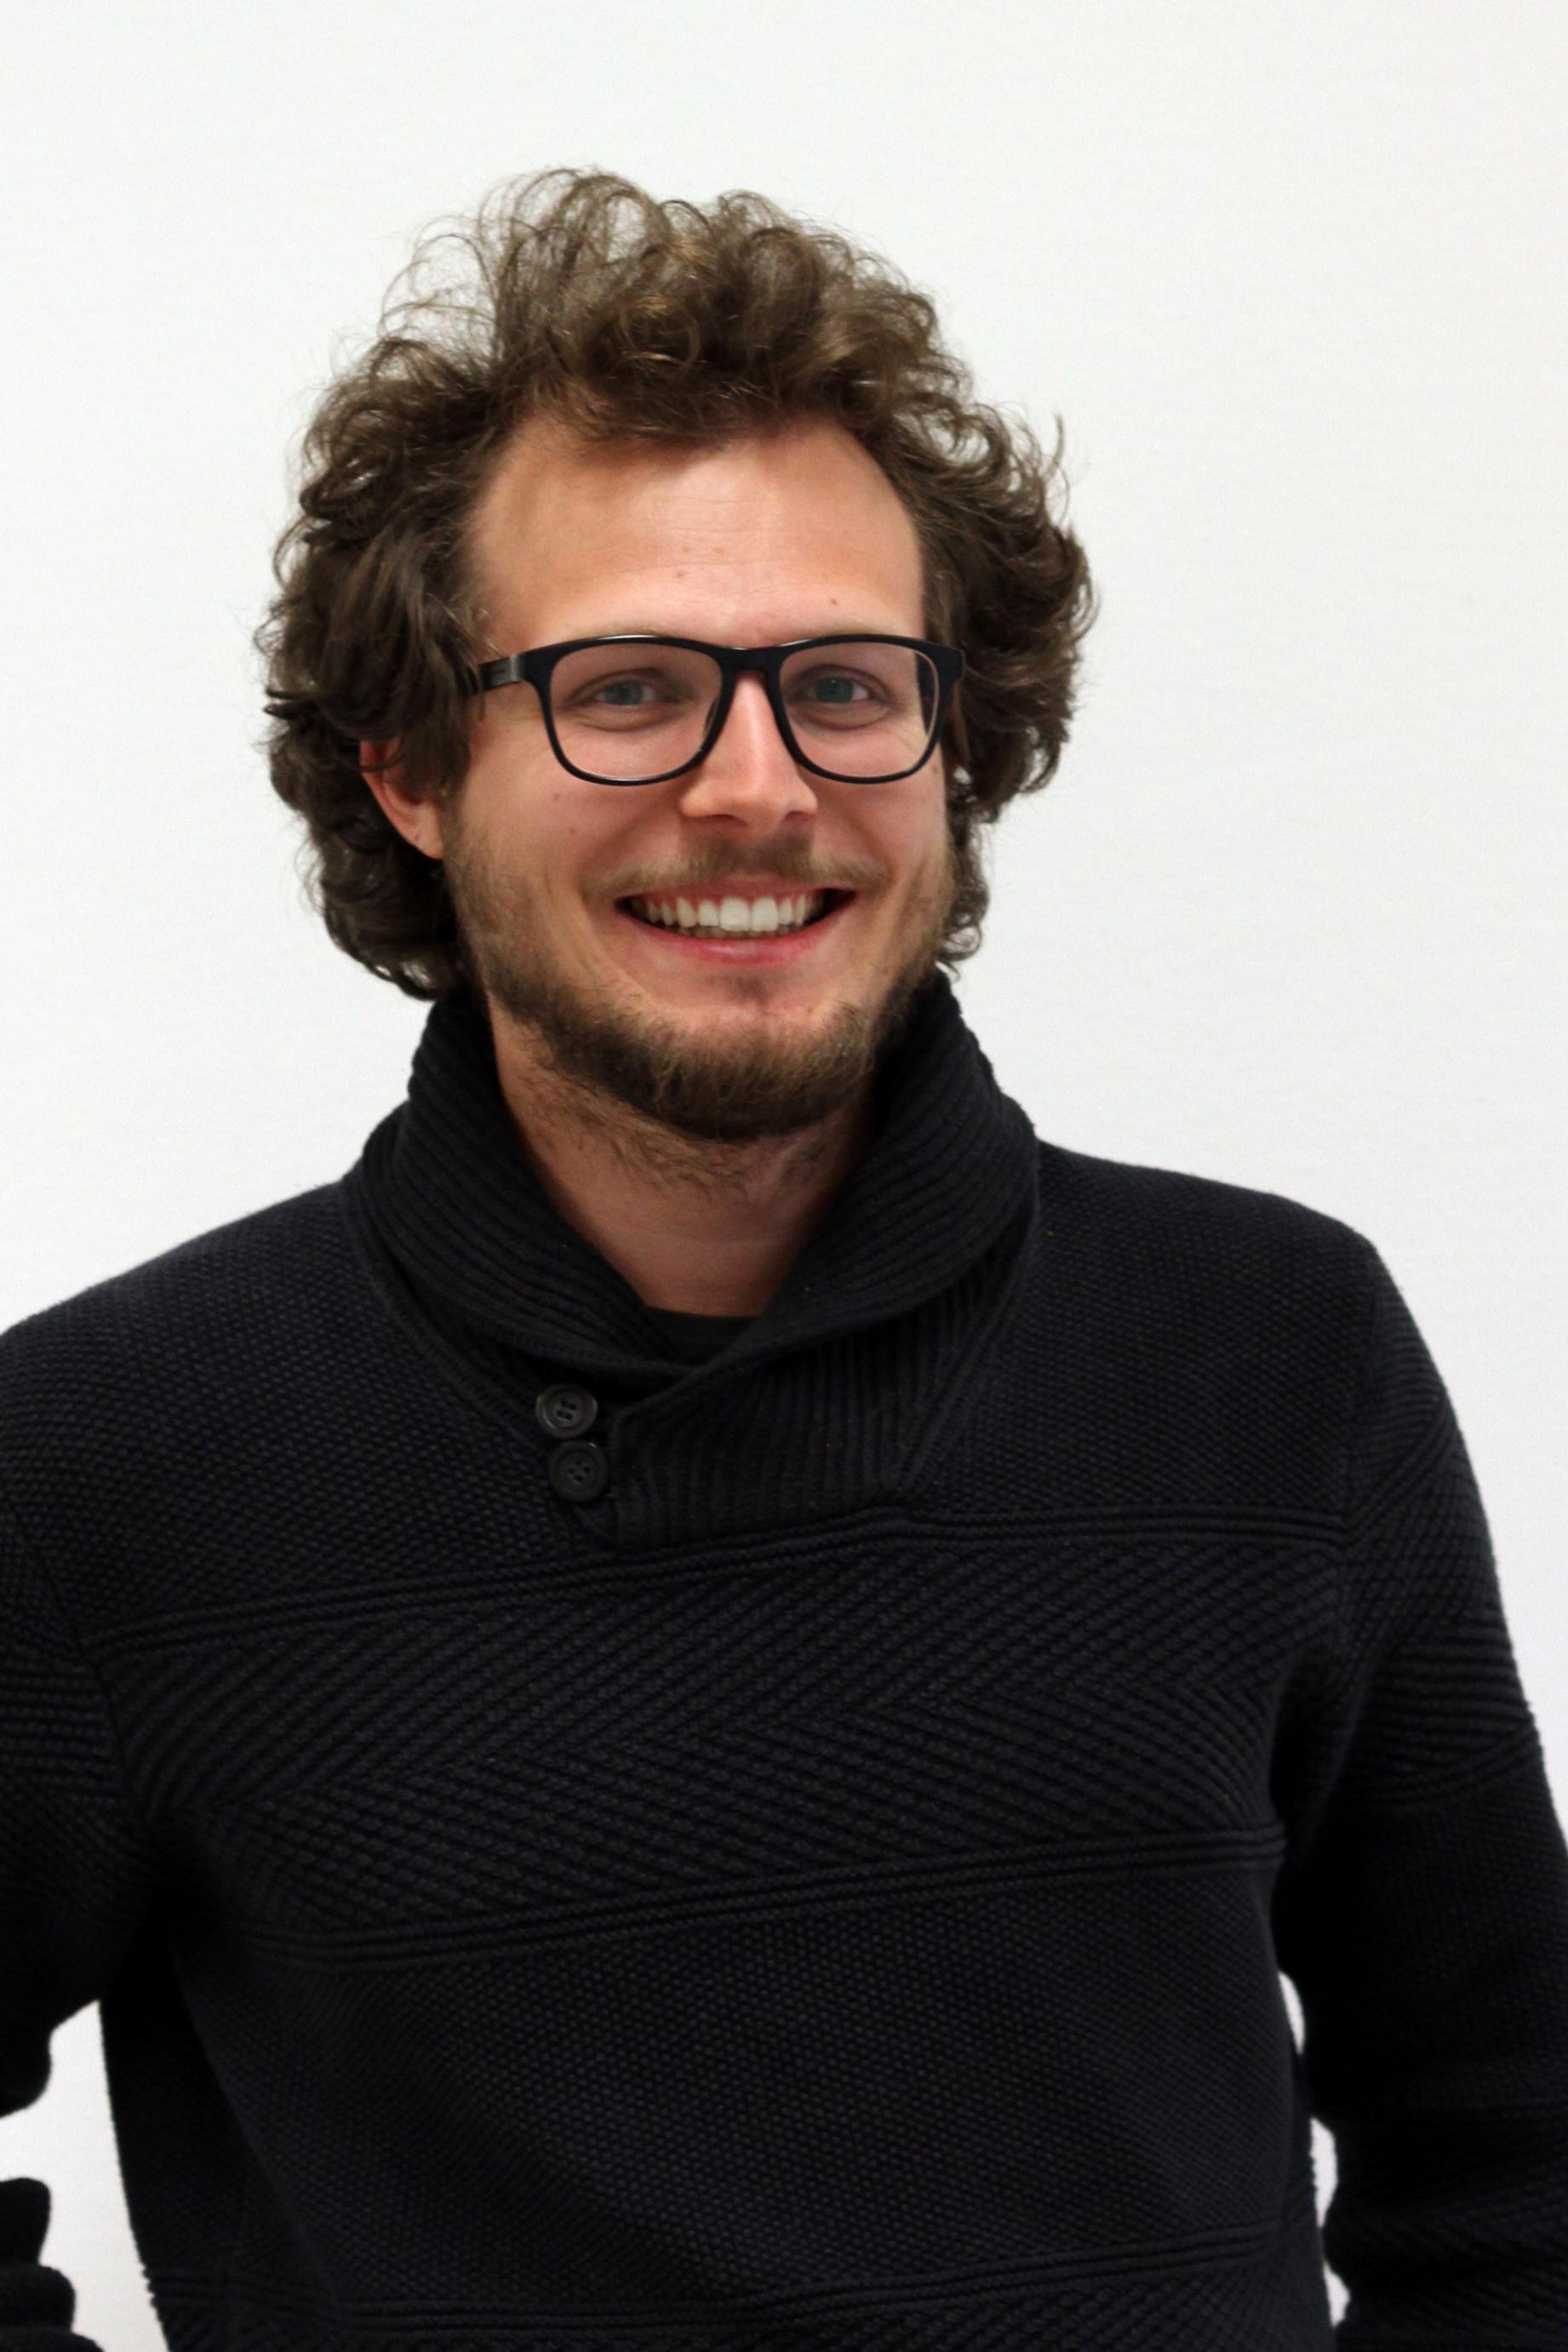 Florian PRADER   10. Semester Humanmedizin  Referat für Organisation und Basisarbeit  Bei der Planung von Partys und Veranstaltungen sowie bei der Beschaffung der Erstikittel unterstütze ich das OrgRef.